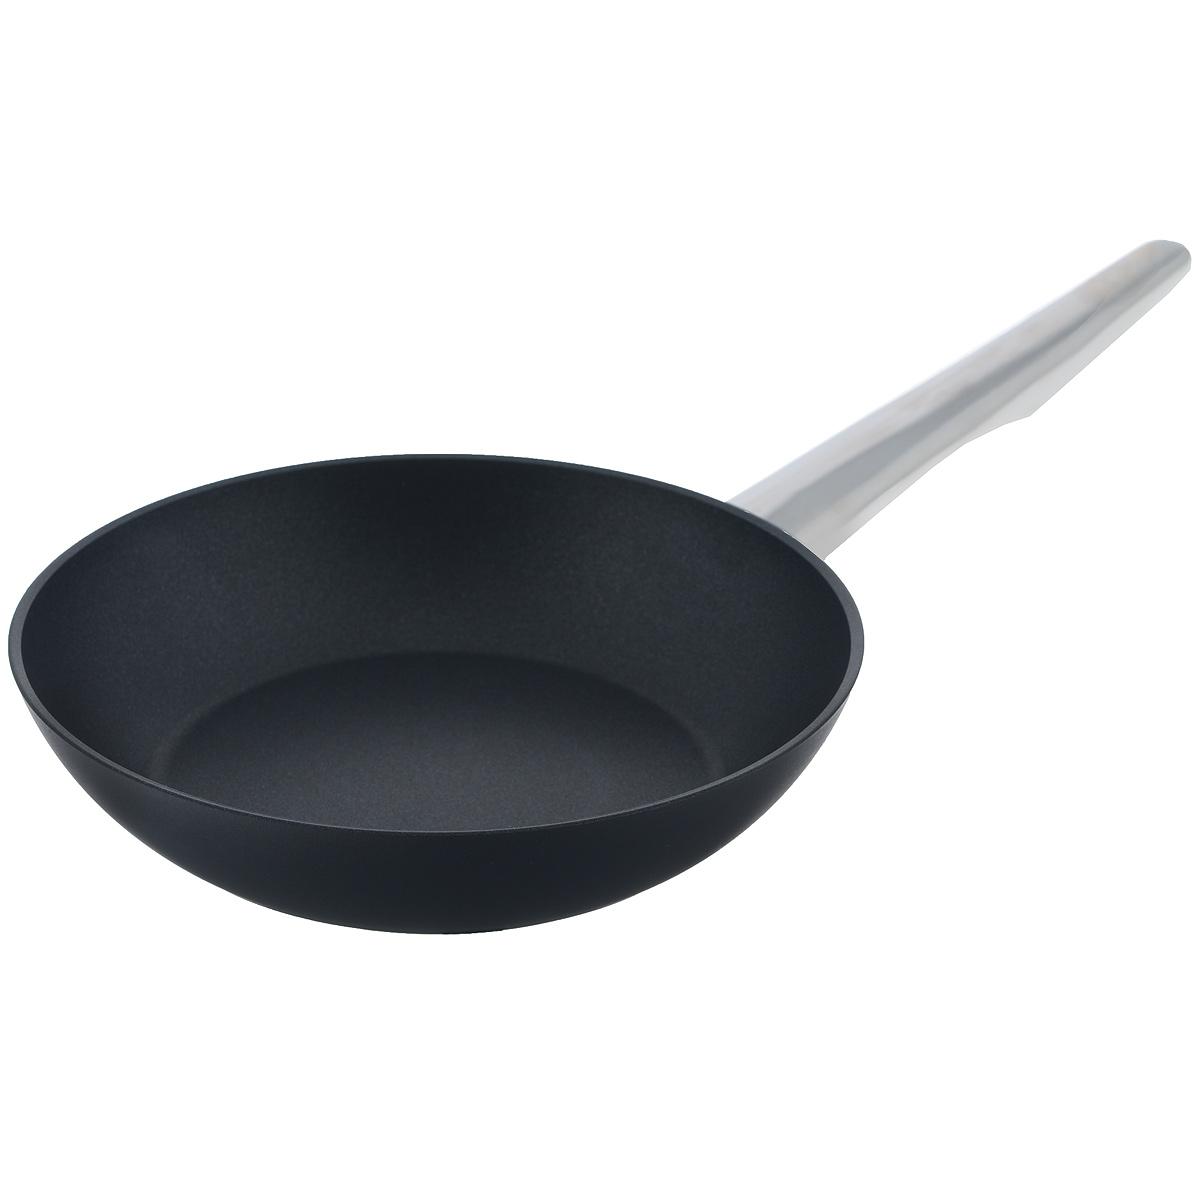 Сковорода TVS Maestrale, с антипригарным покрытием, цвет: черный. Диаметр 20 см сковороды tvs сковорода tvs splendida 24 см